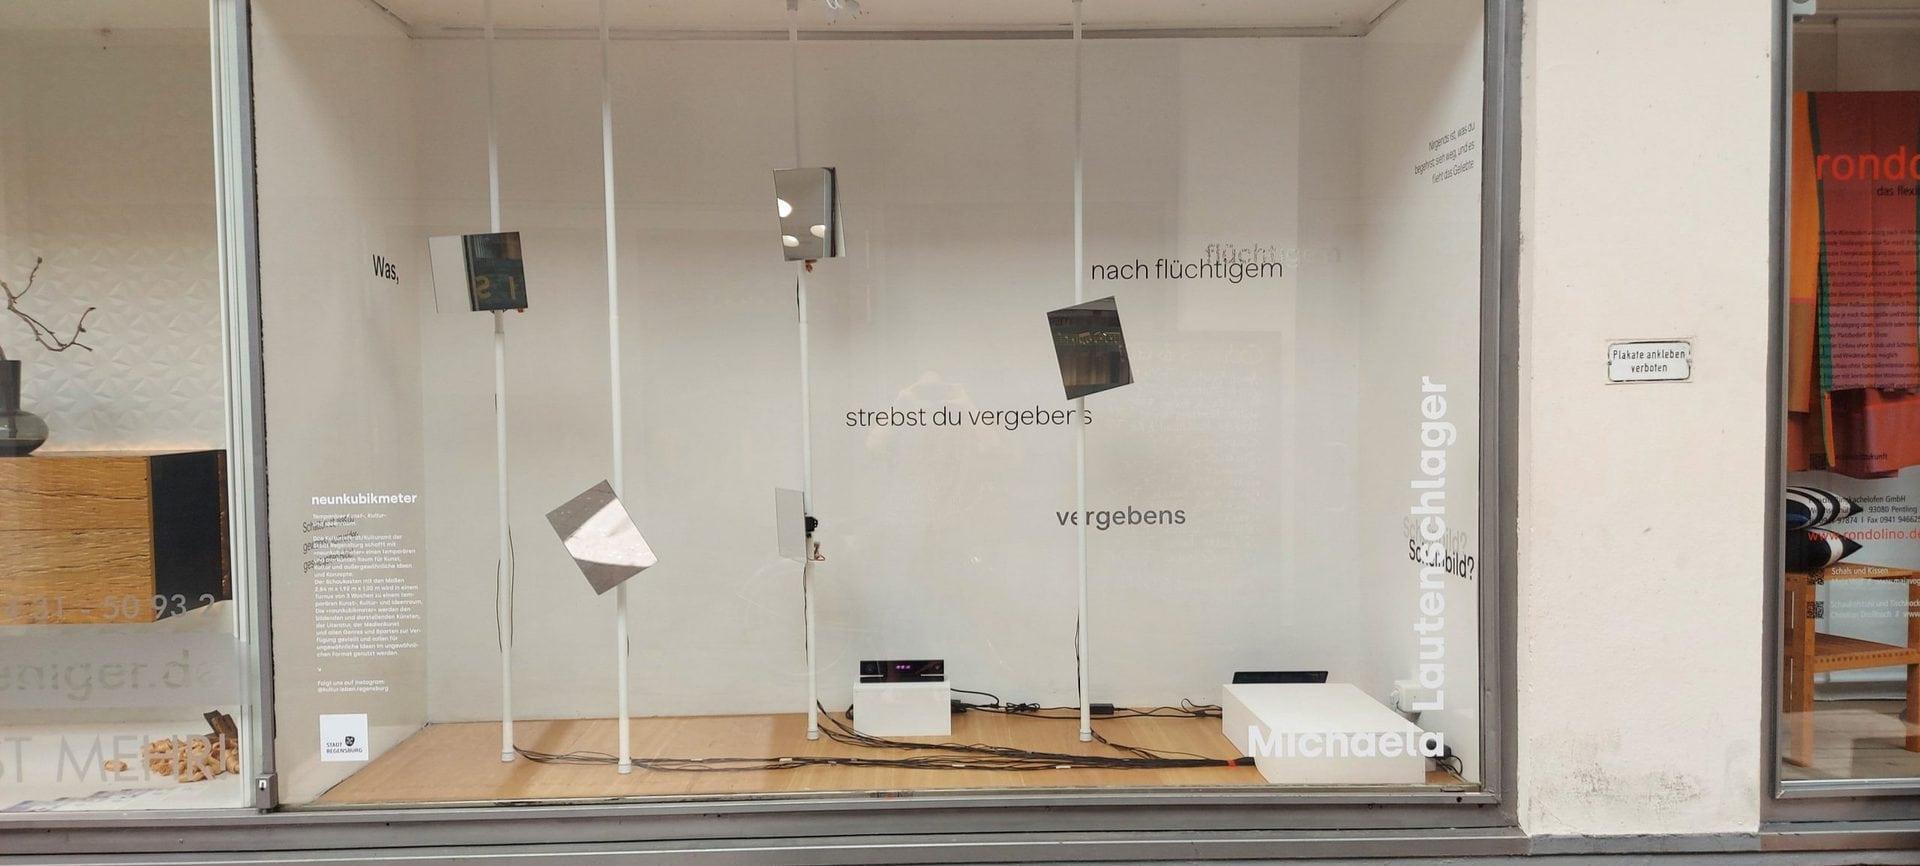 """Spiegelspiel im Schaufenster Michaela Lautenschlager füllt in ihrer Ausstellung """"Mizukagami-Spiegelspiel"""" die """"neunkubikmeter"""""""